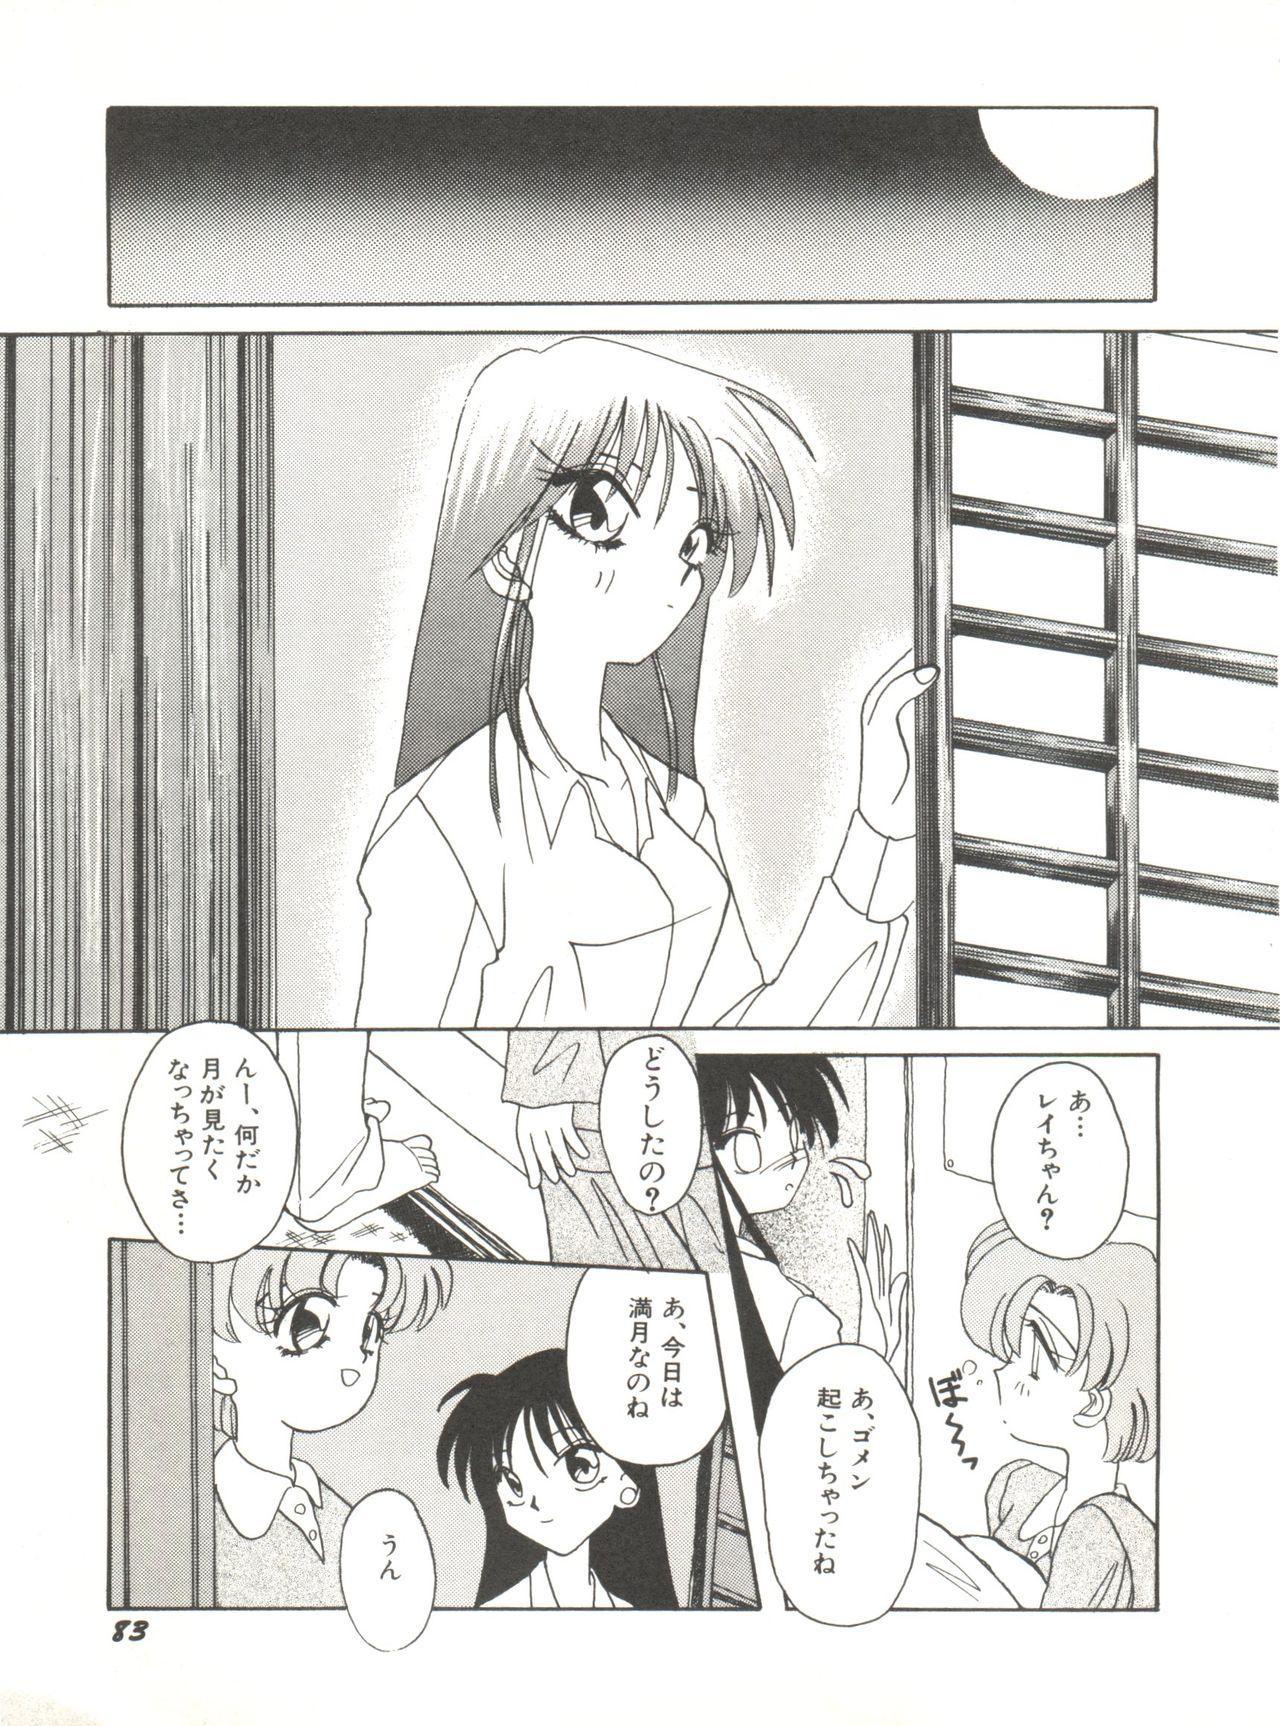 Bishoujo Doujinshi Anthology 12 - Moon Paradise 7 Tsuki no Rakuen 87